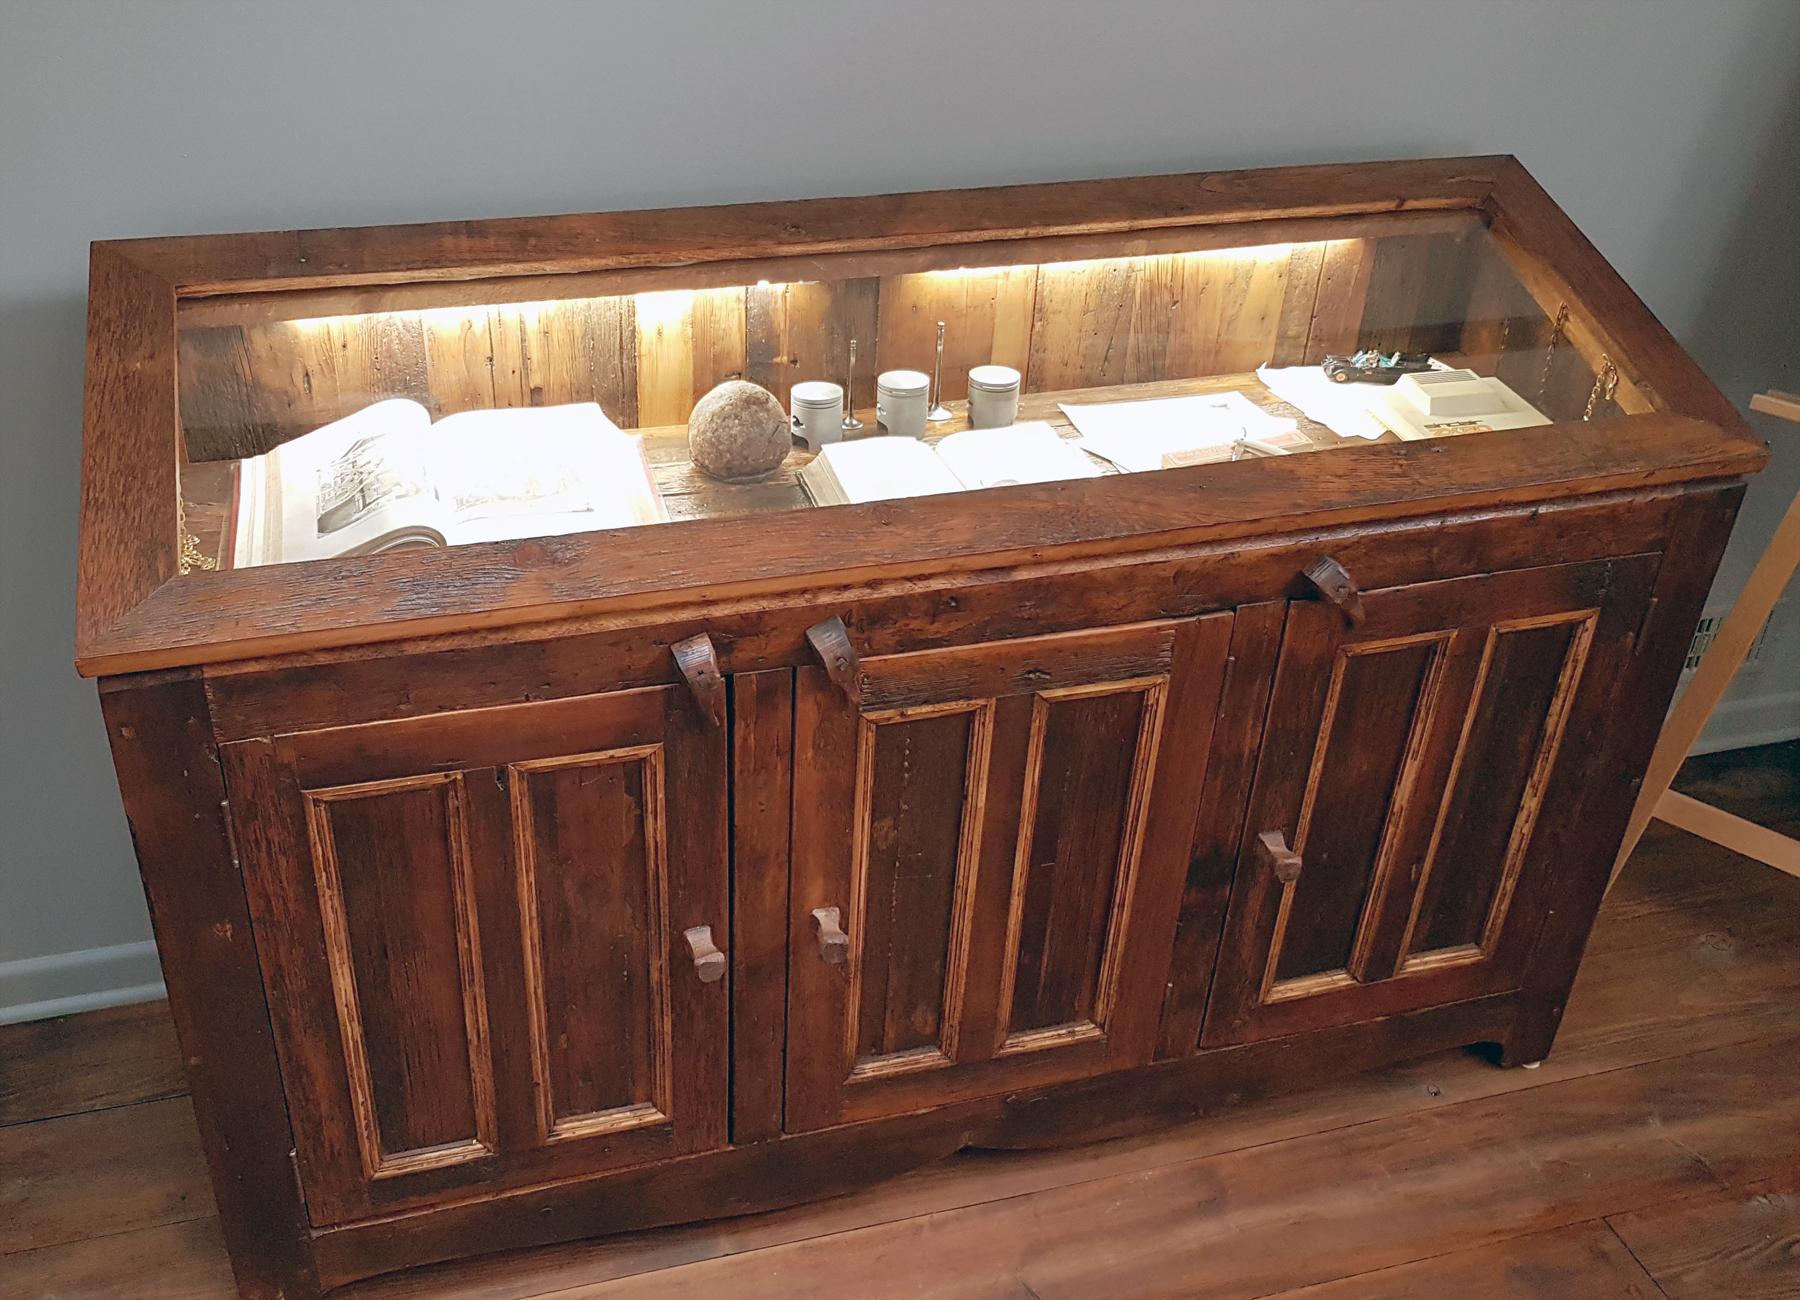 manufacturier de meubles sur mesure en bois massif et bois ancien. Black Bedroom Furniture Sets. Home Design Ideas